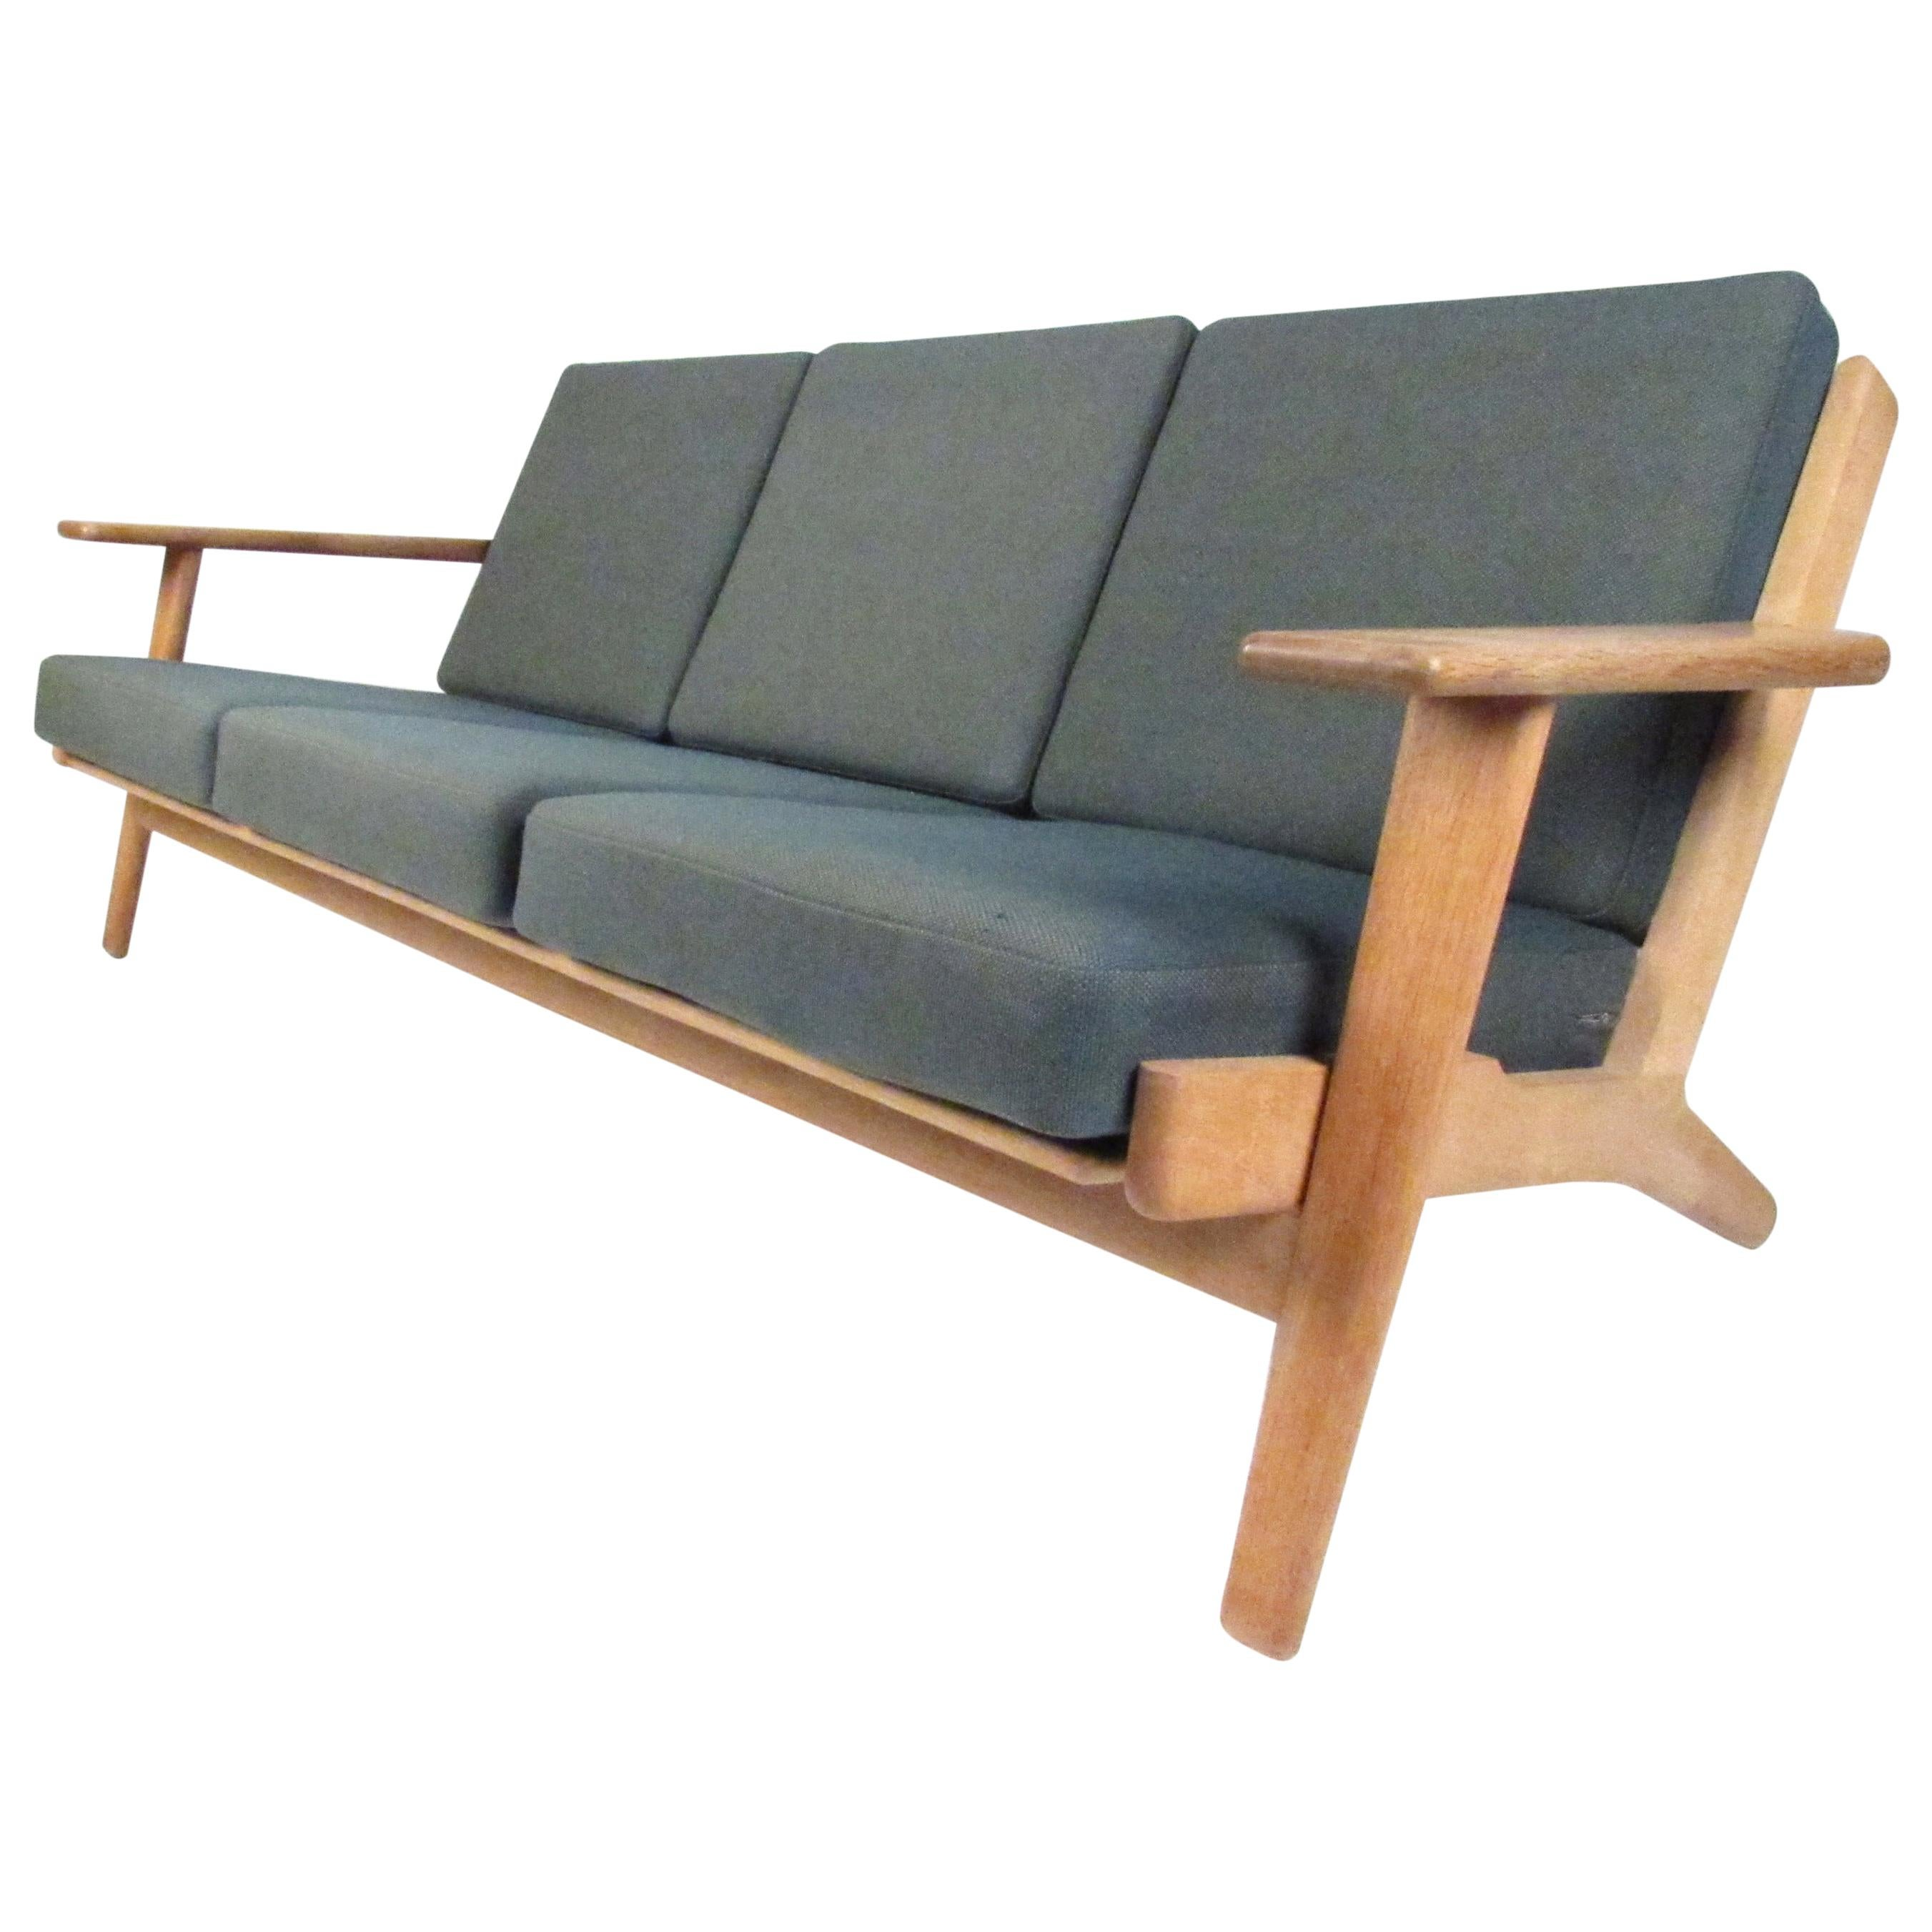 Midcentury Danish GE 290 Sofa by Hans Wegner for GETAMA